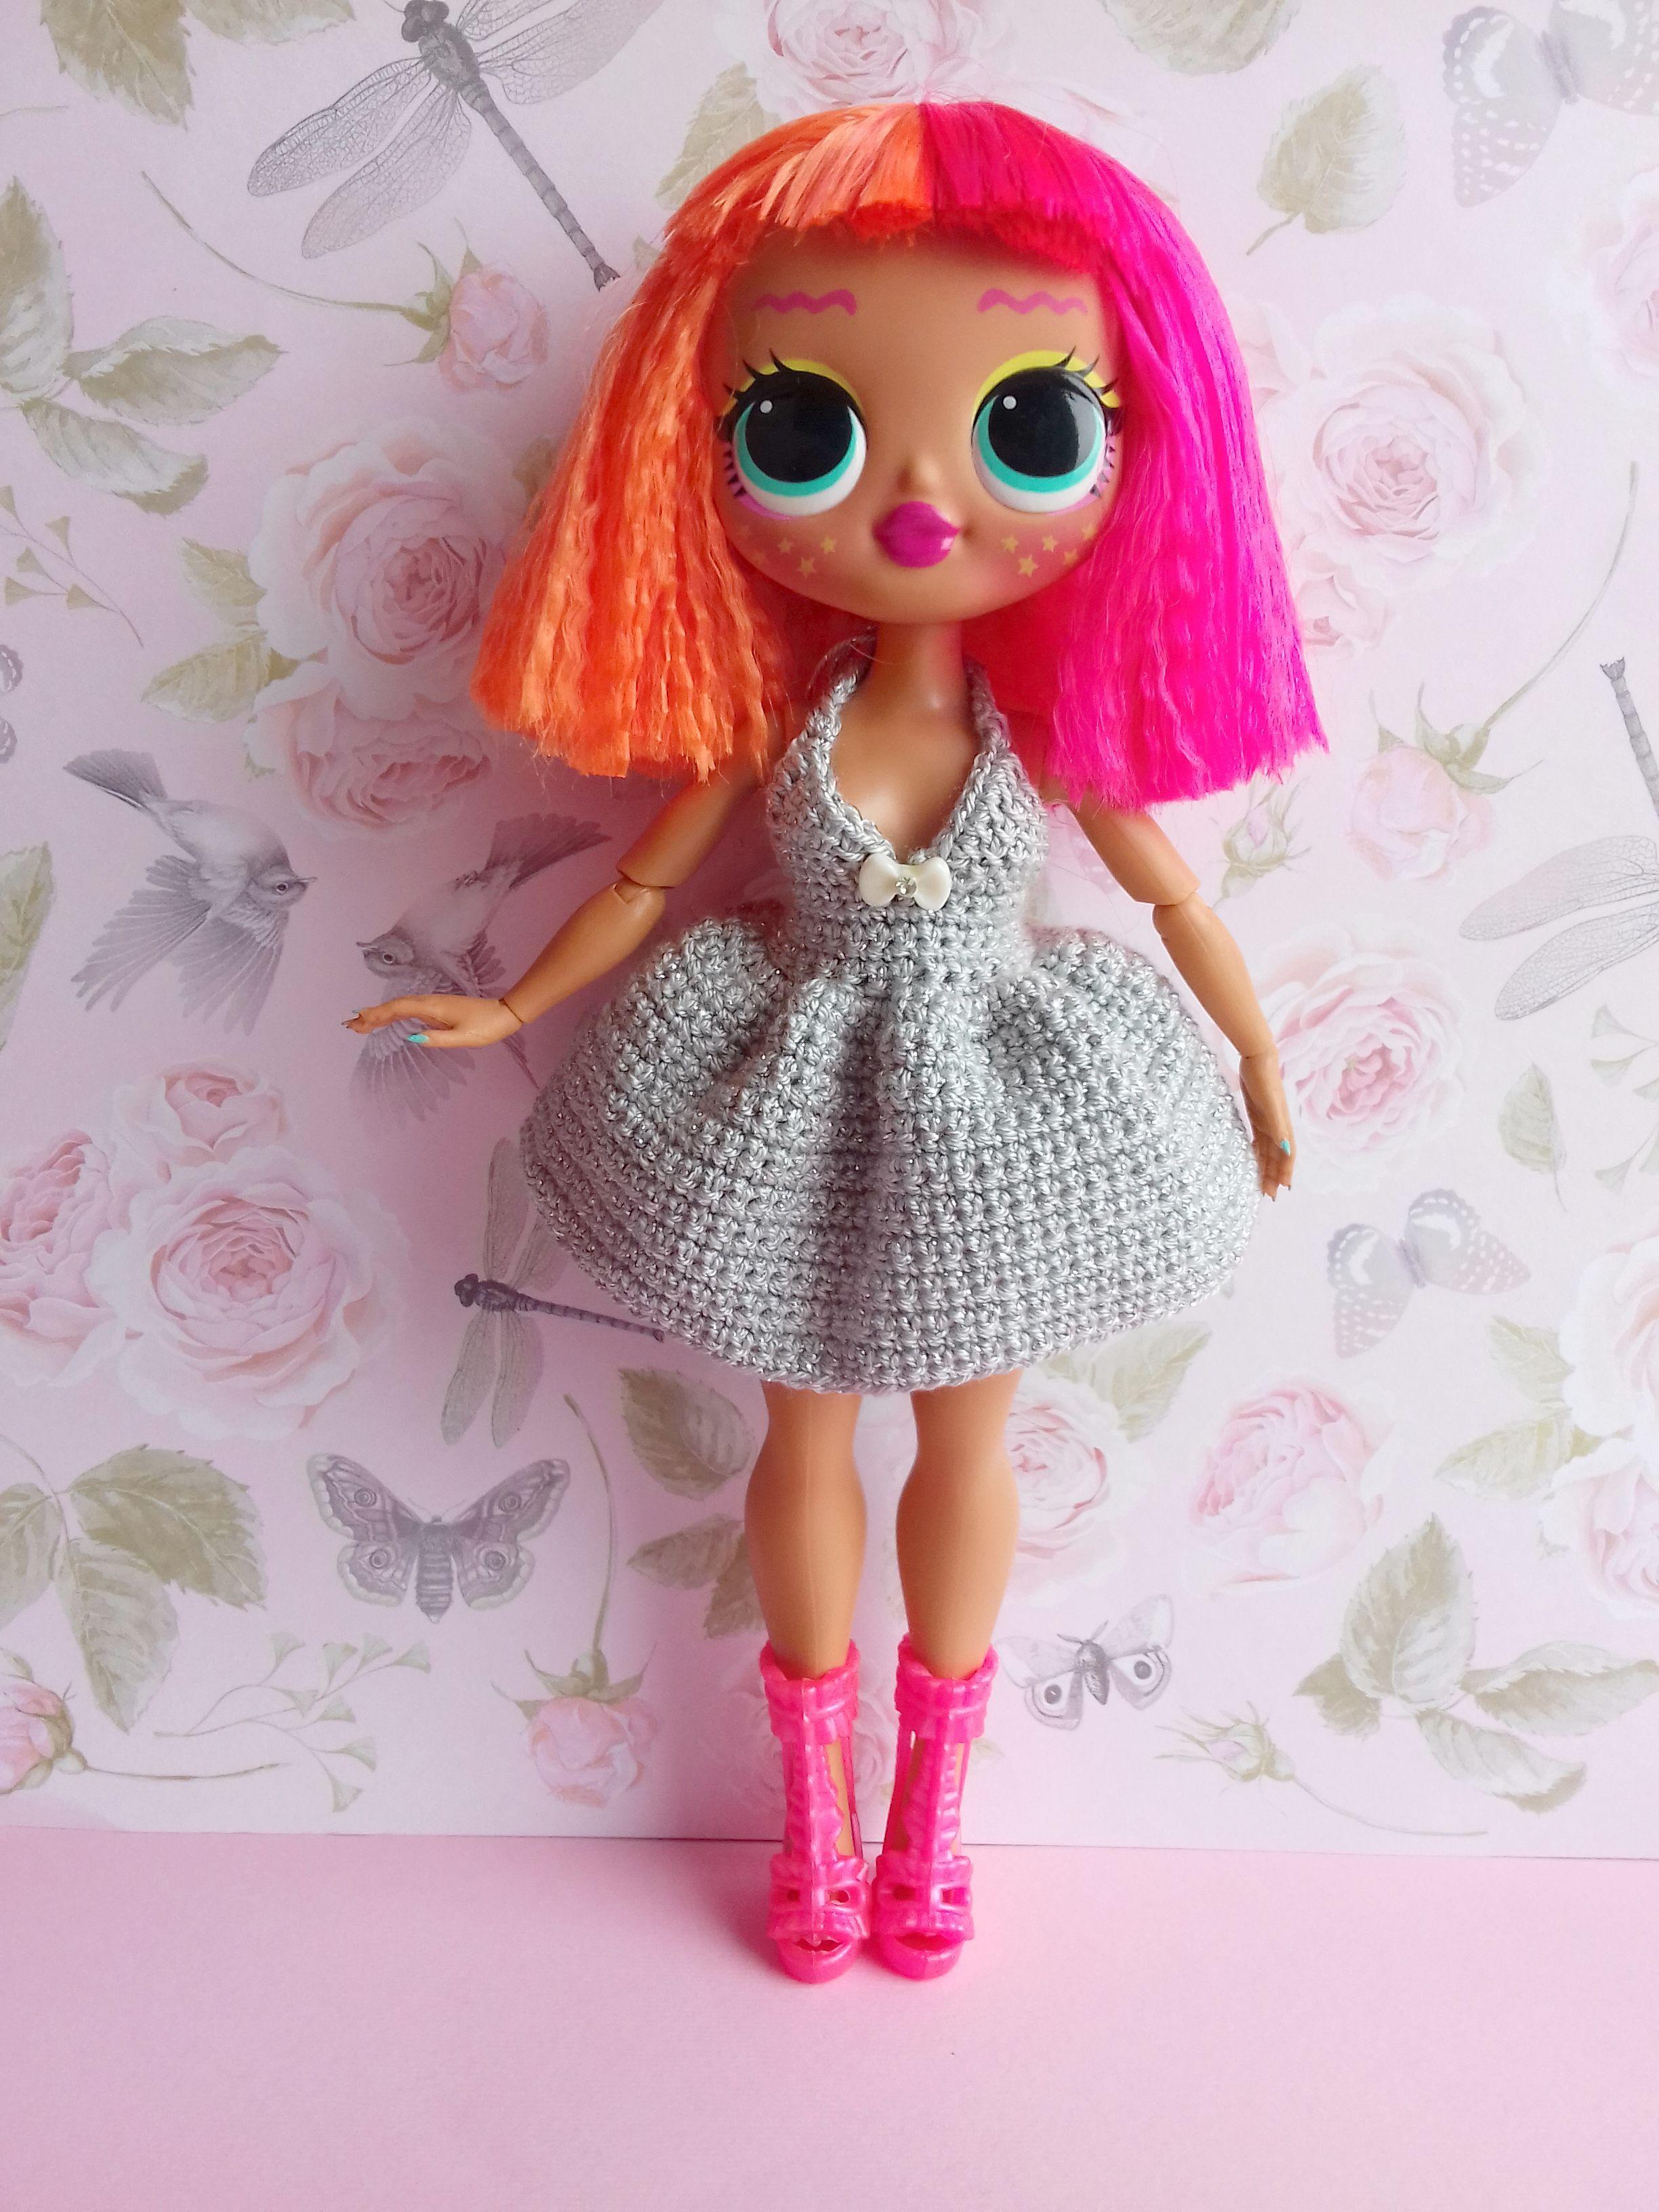 new fashion lol dolls  fashion and wedding ideas